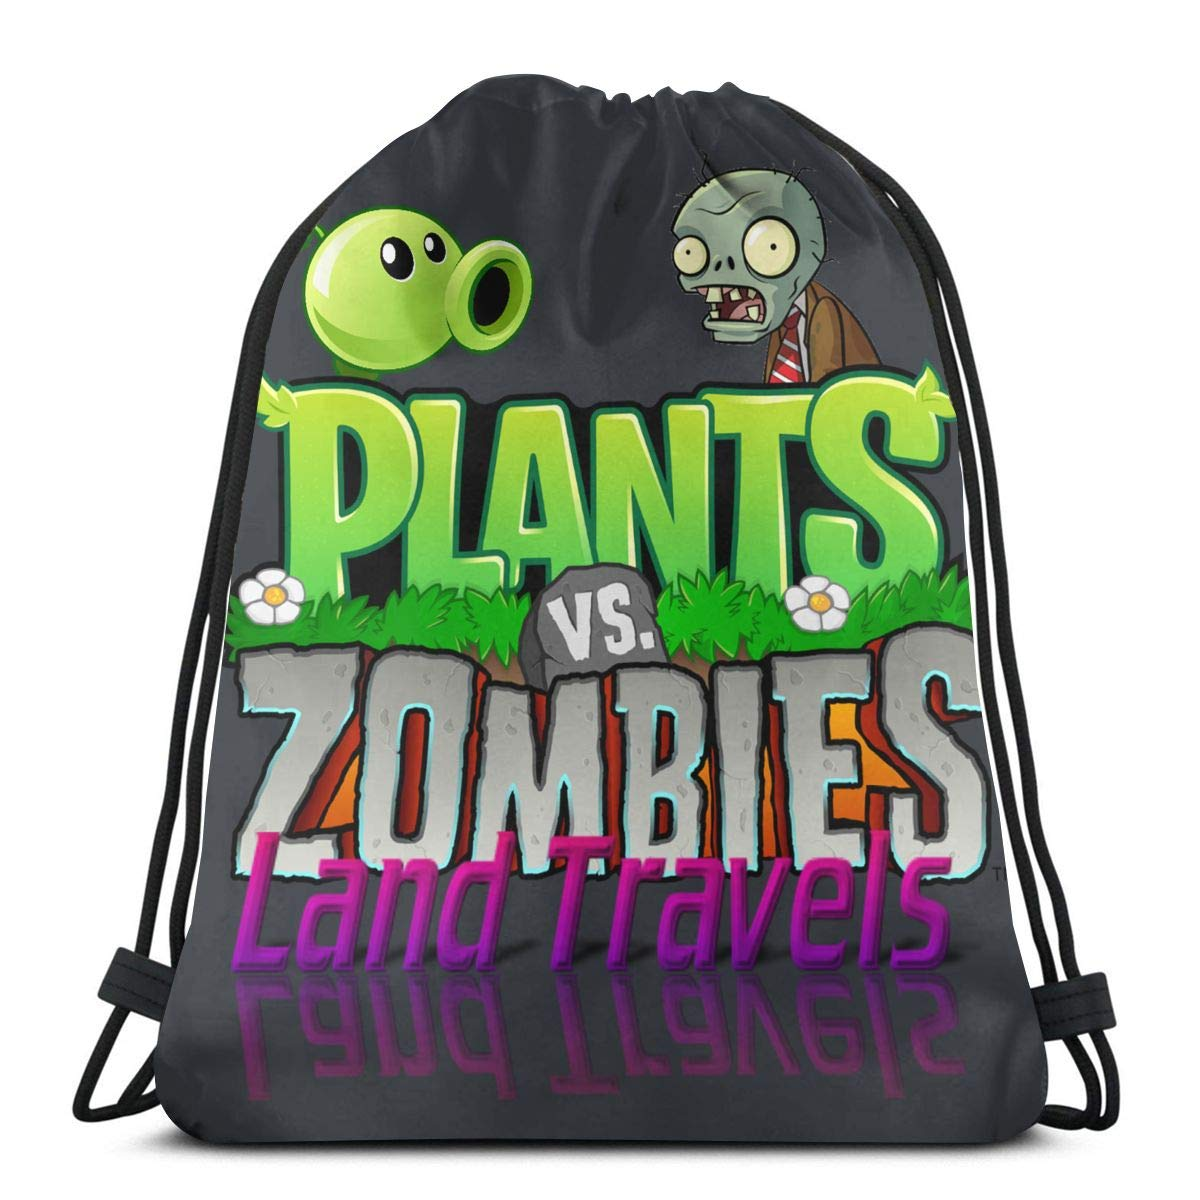 FV BE BRAVE YOURSELF Plants Vs. Zombies Land Tarlve Logo ...